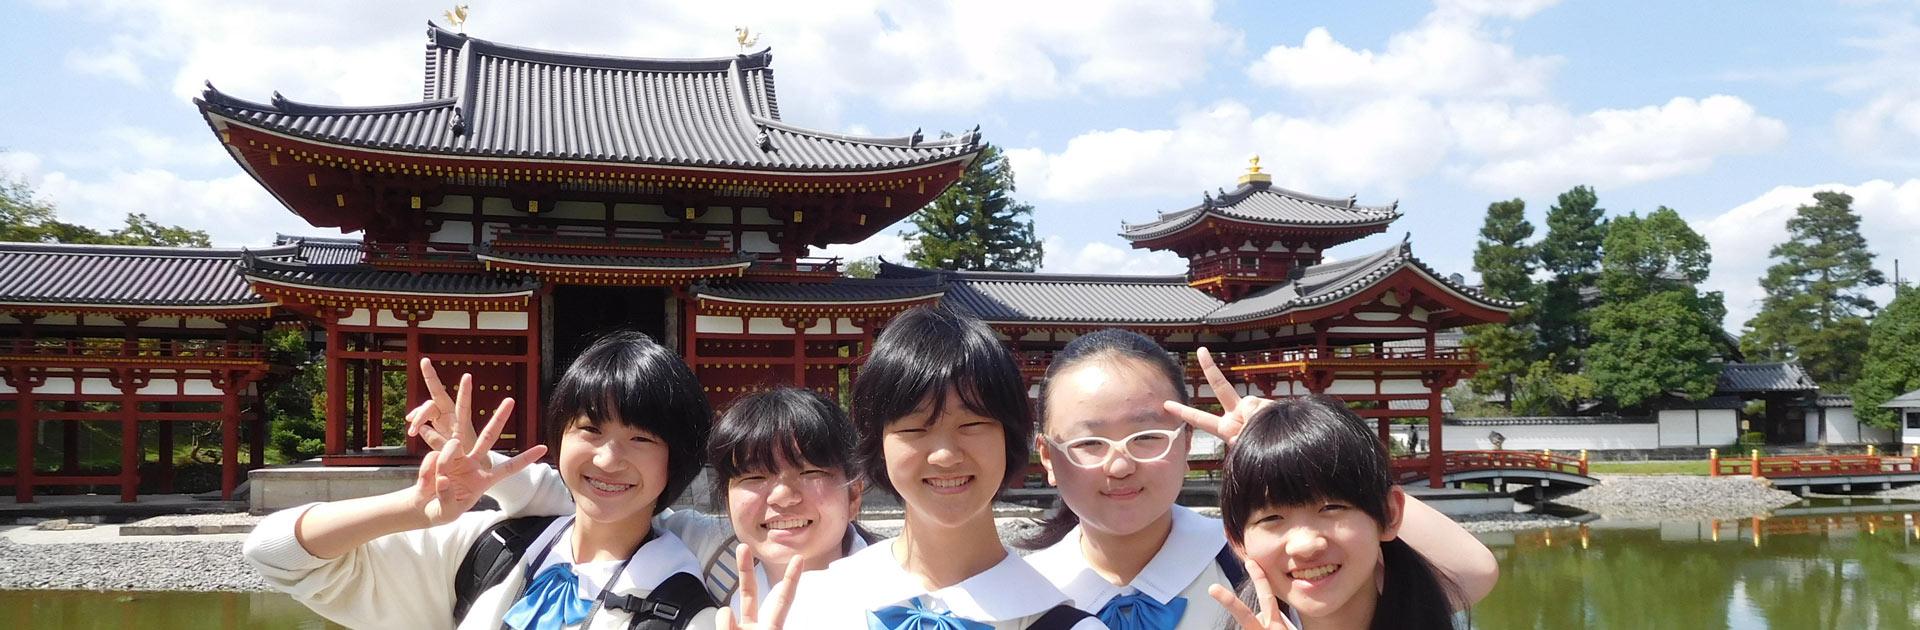 CNJP China y Japón Viaje en Tren 16 días 2